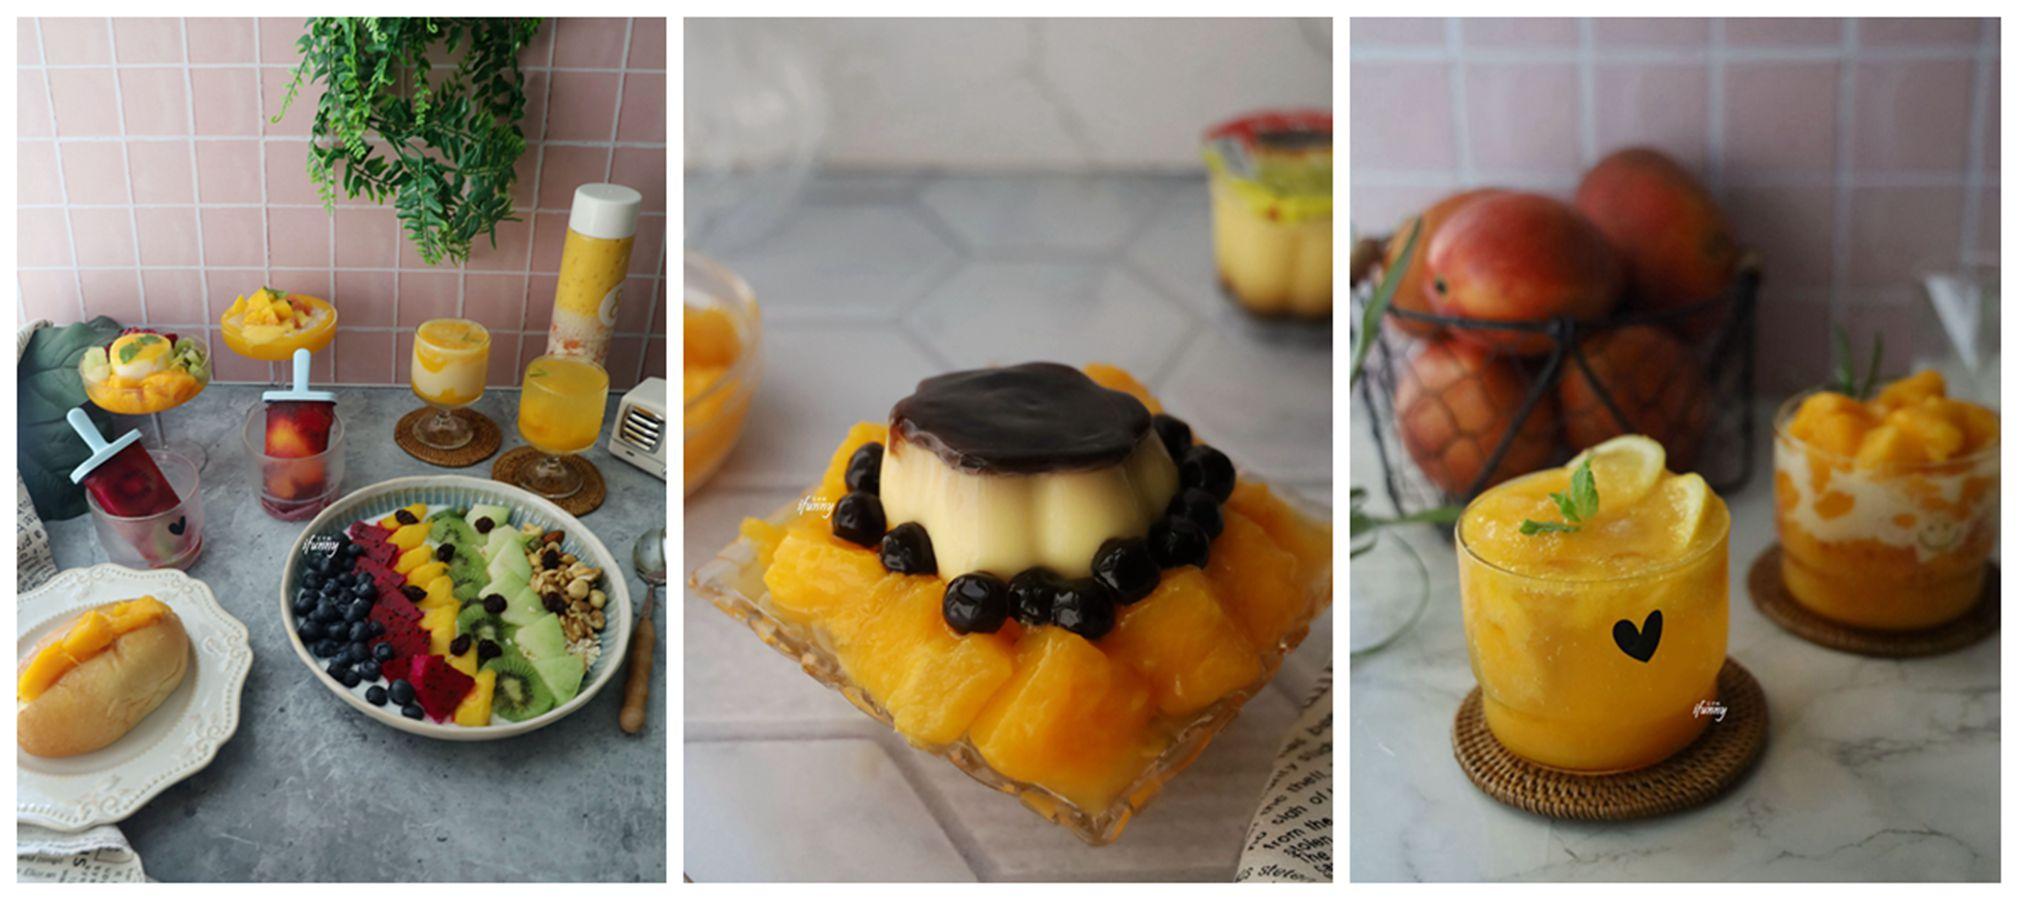 拎阿嬤枋山芒果 日本外銷等級 產地現採新鮮直送 芒果冰品食譜大公開 讀者專屬優惠